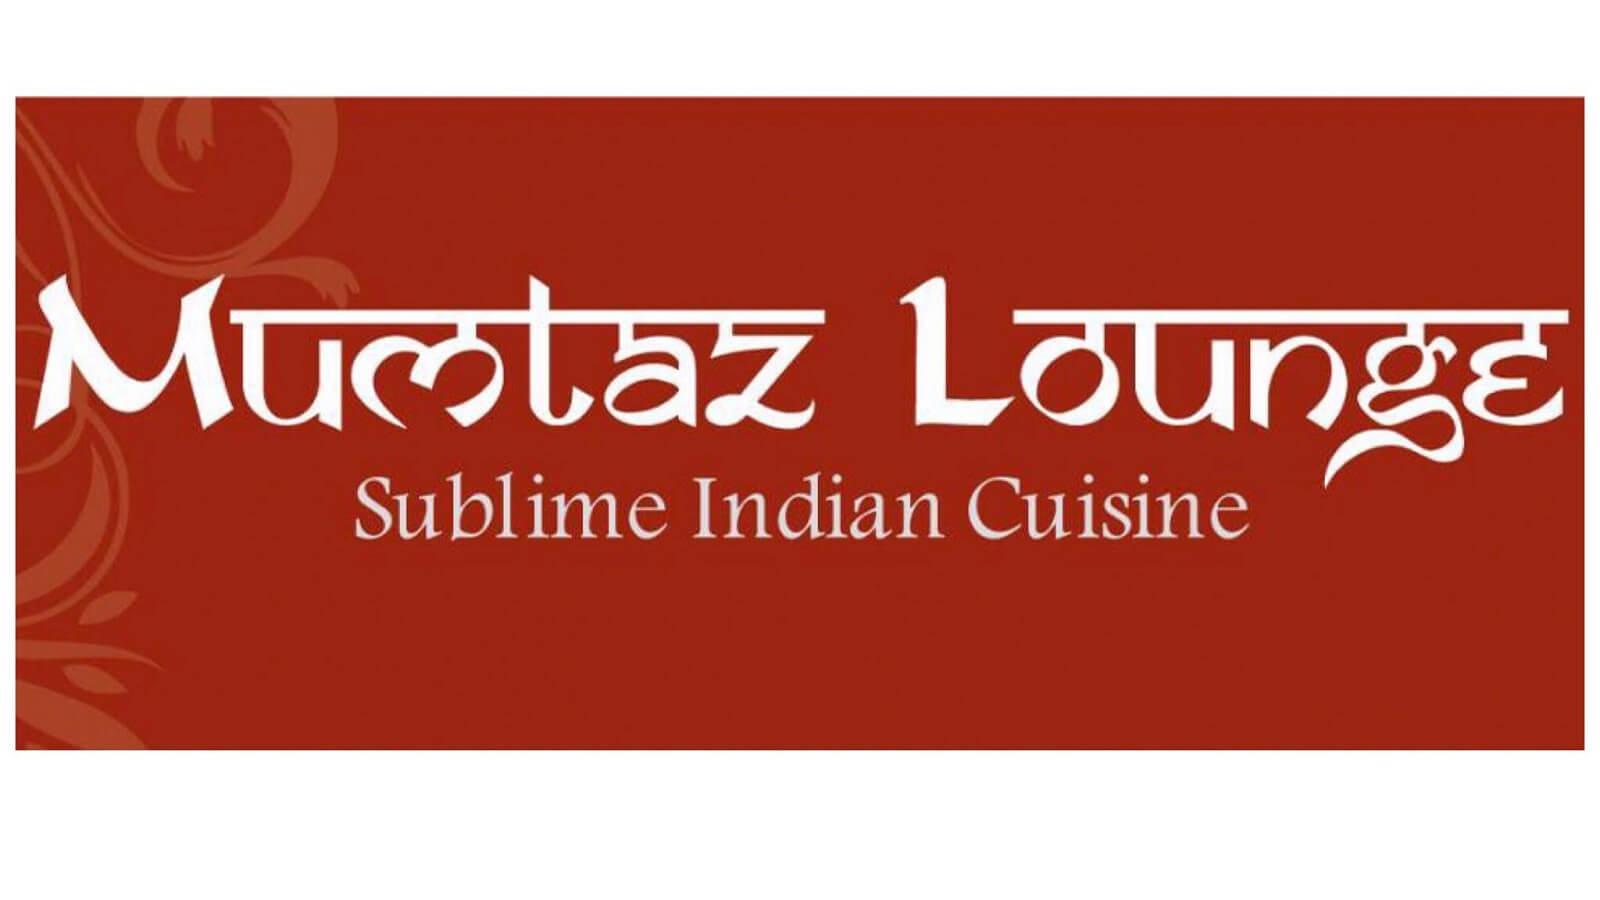 Mumtaz Lounge